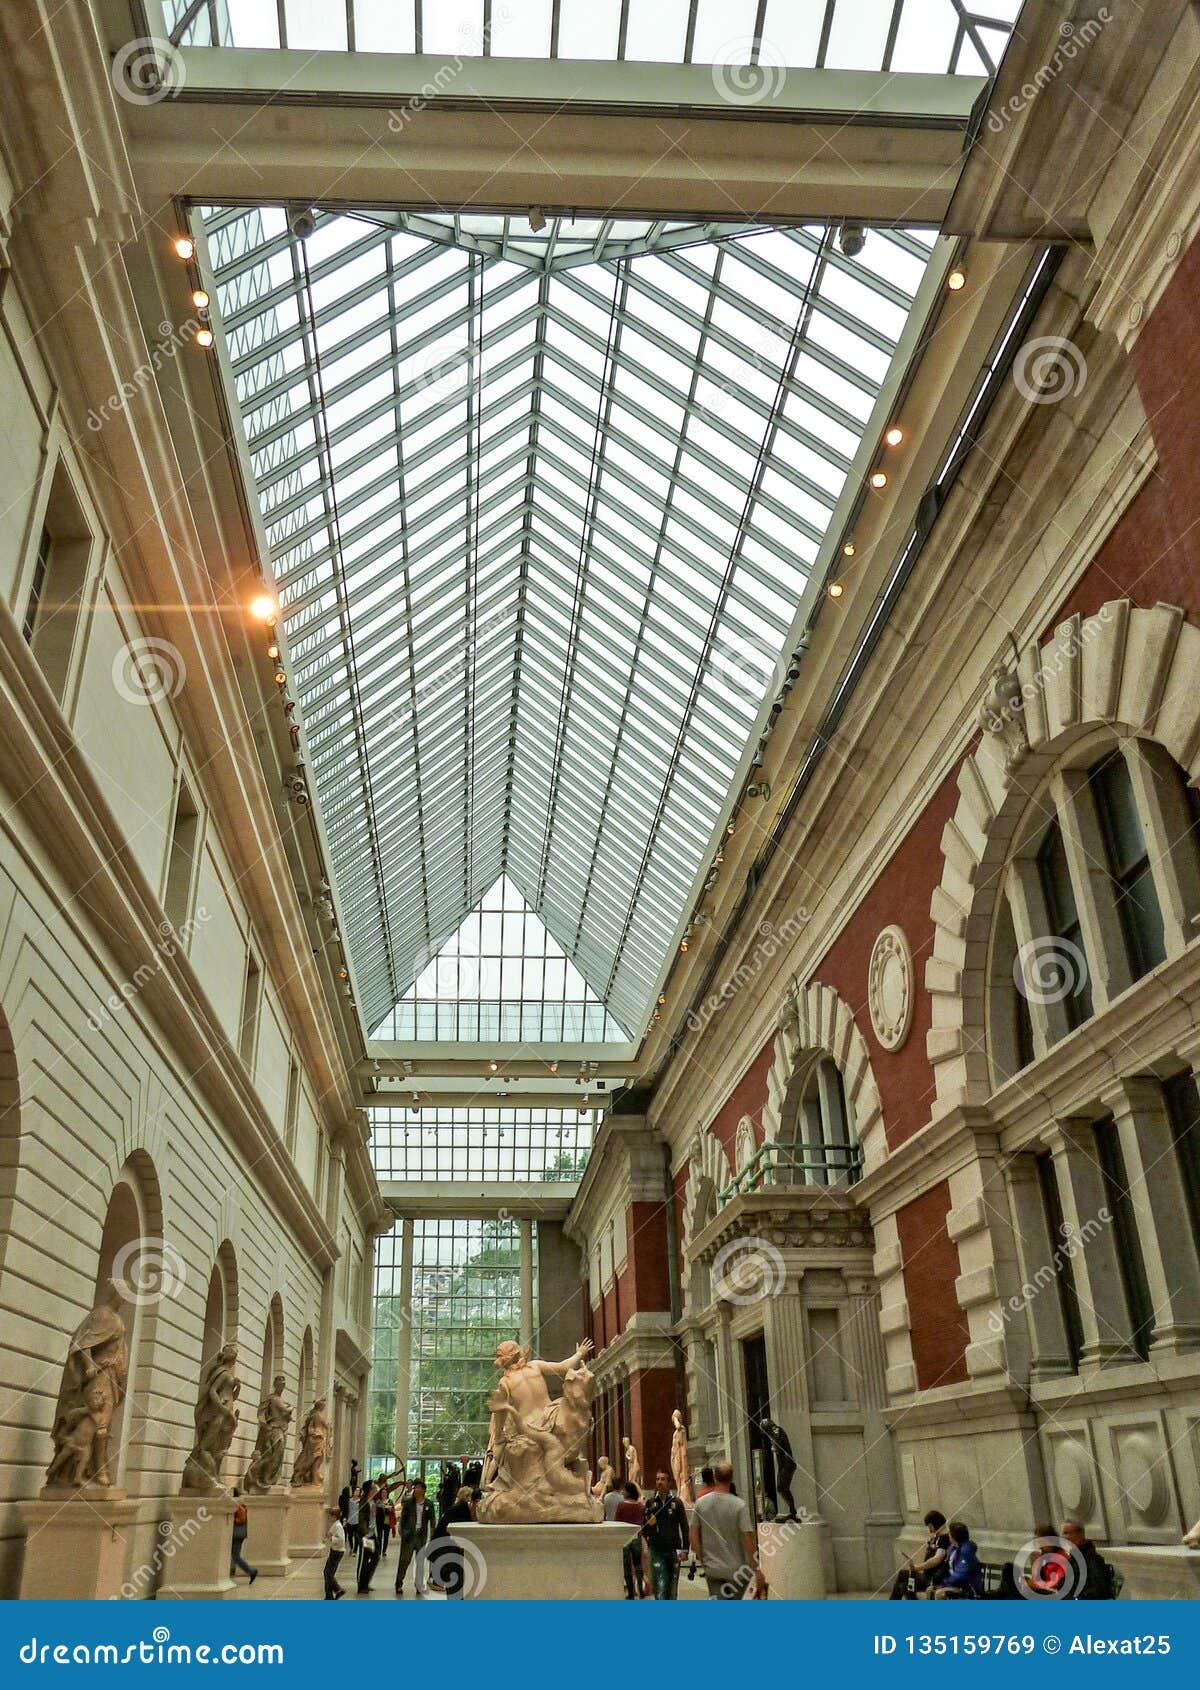 Нью-Йорк, Соединенные Штаты - люди наслаждаются в музее Метрополитен